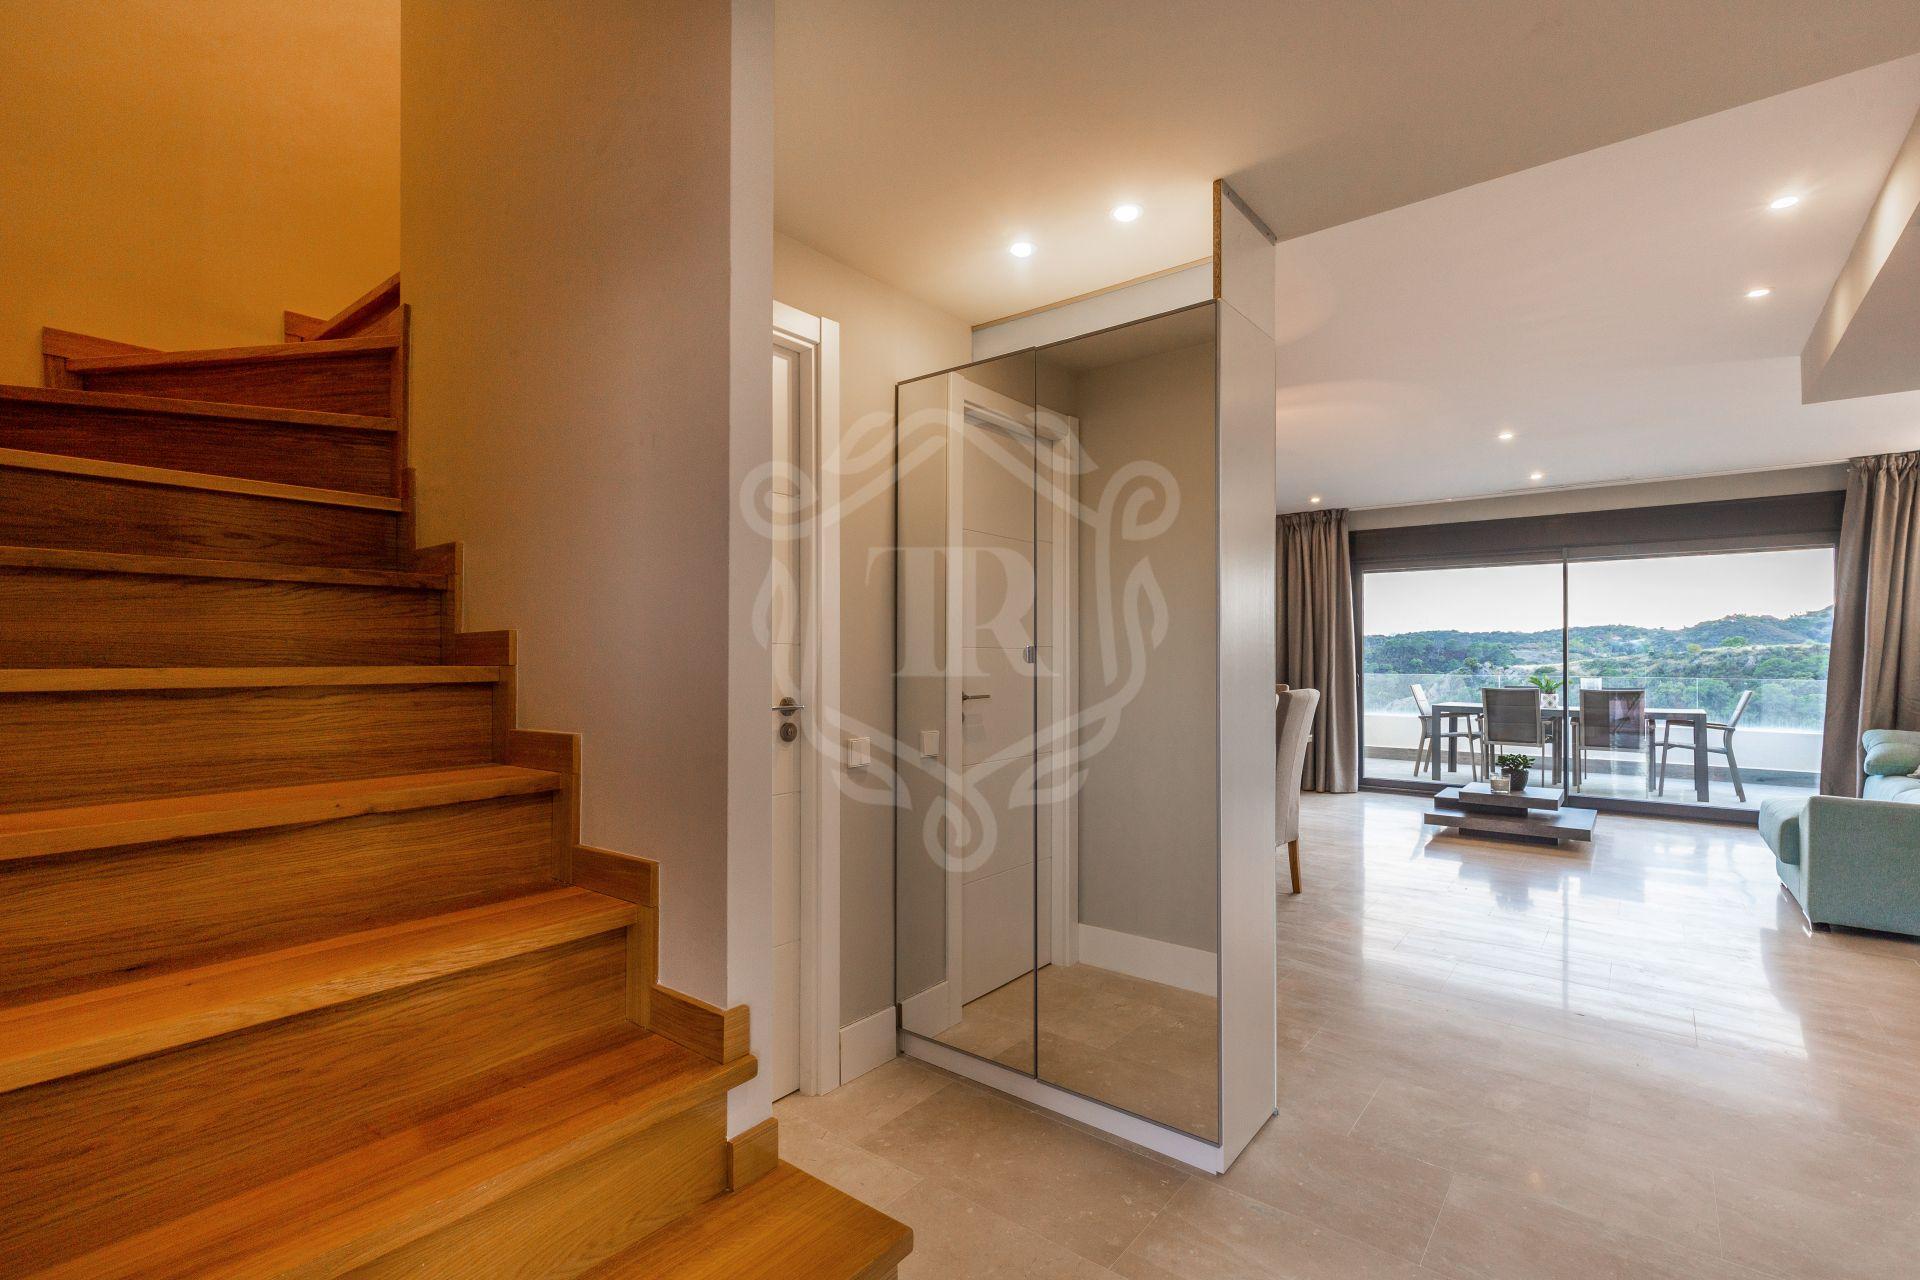 Duplex Penthouse in La Resina Golf, Estepona